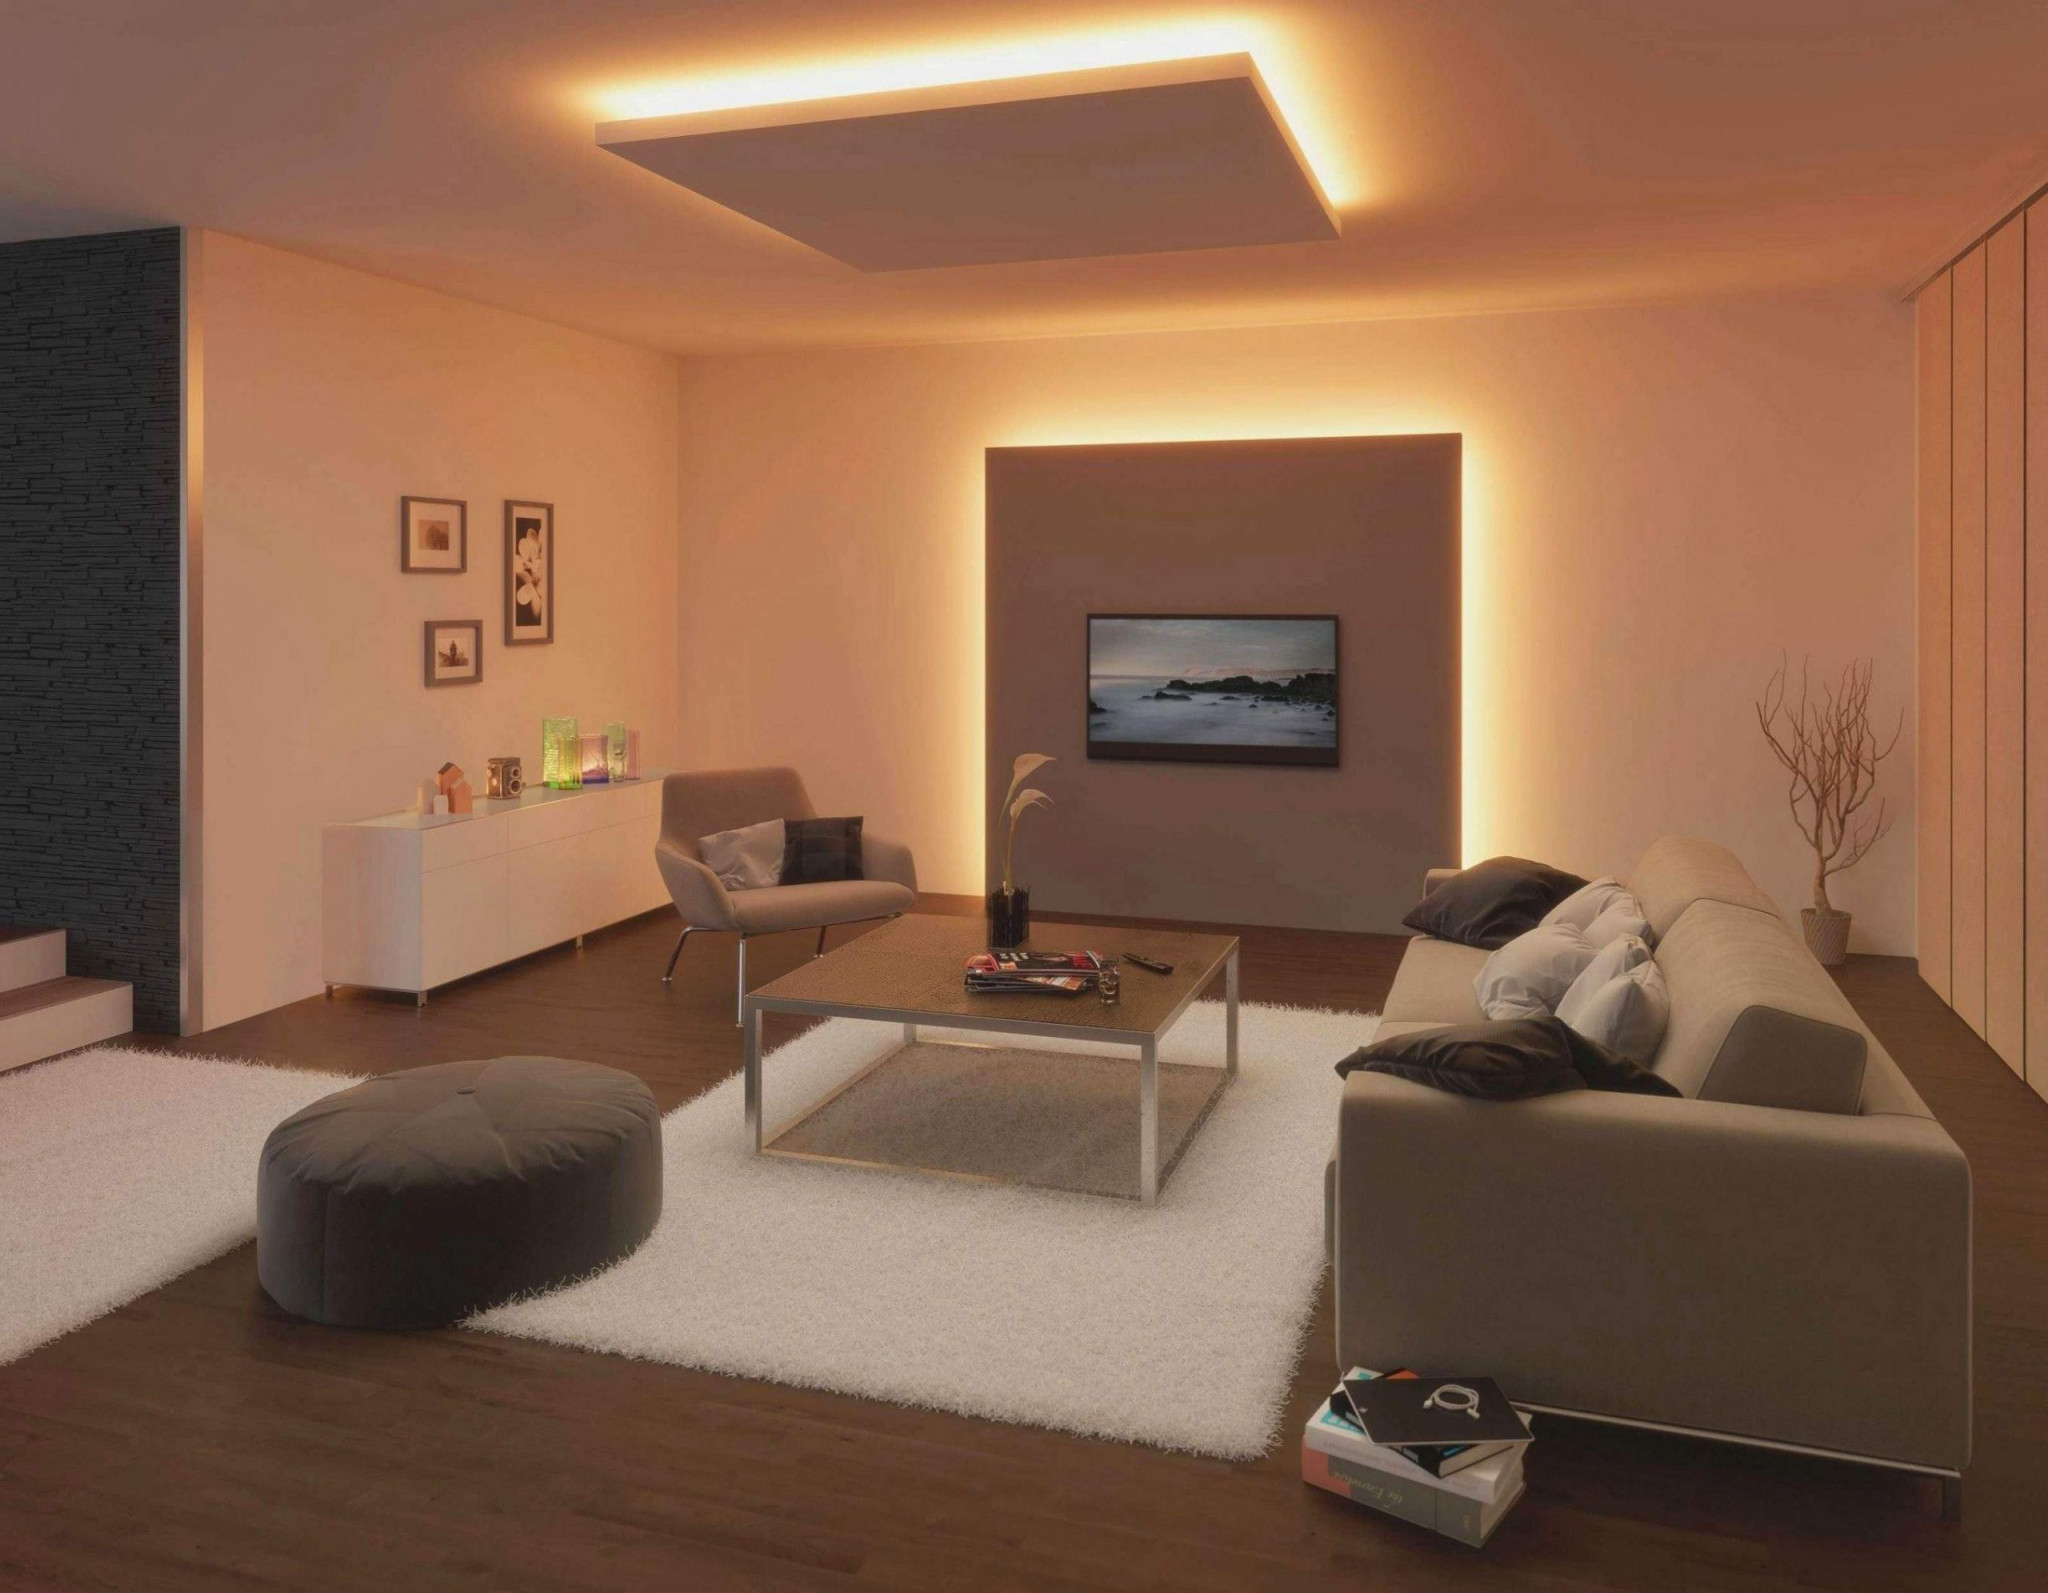 38 Luxus Ikea Lampen Wohnzimmer Reizend  Wohnzimmer Frisch von Design Wohnzimmer Lampe Bild